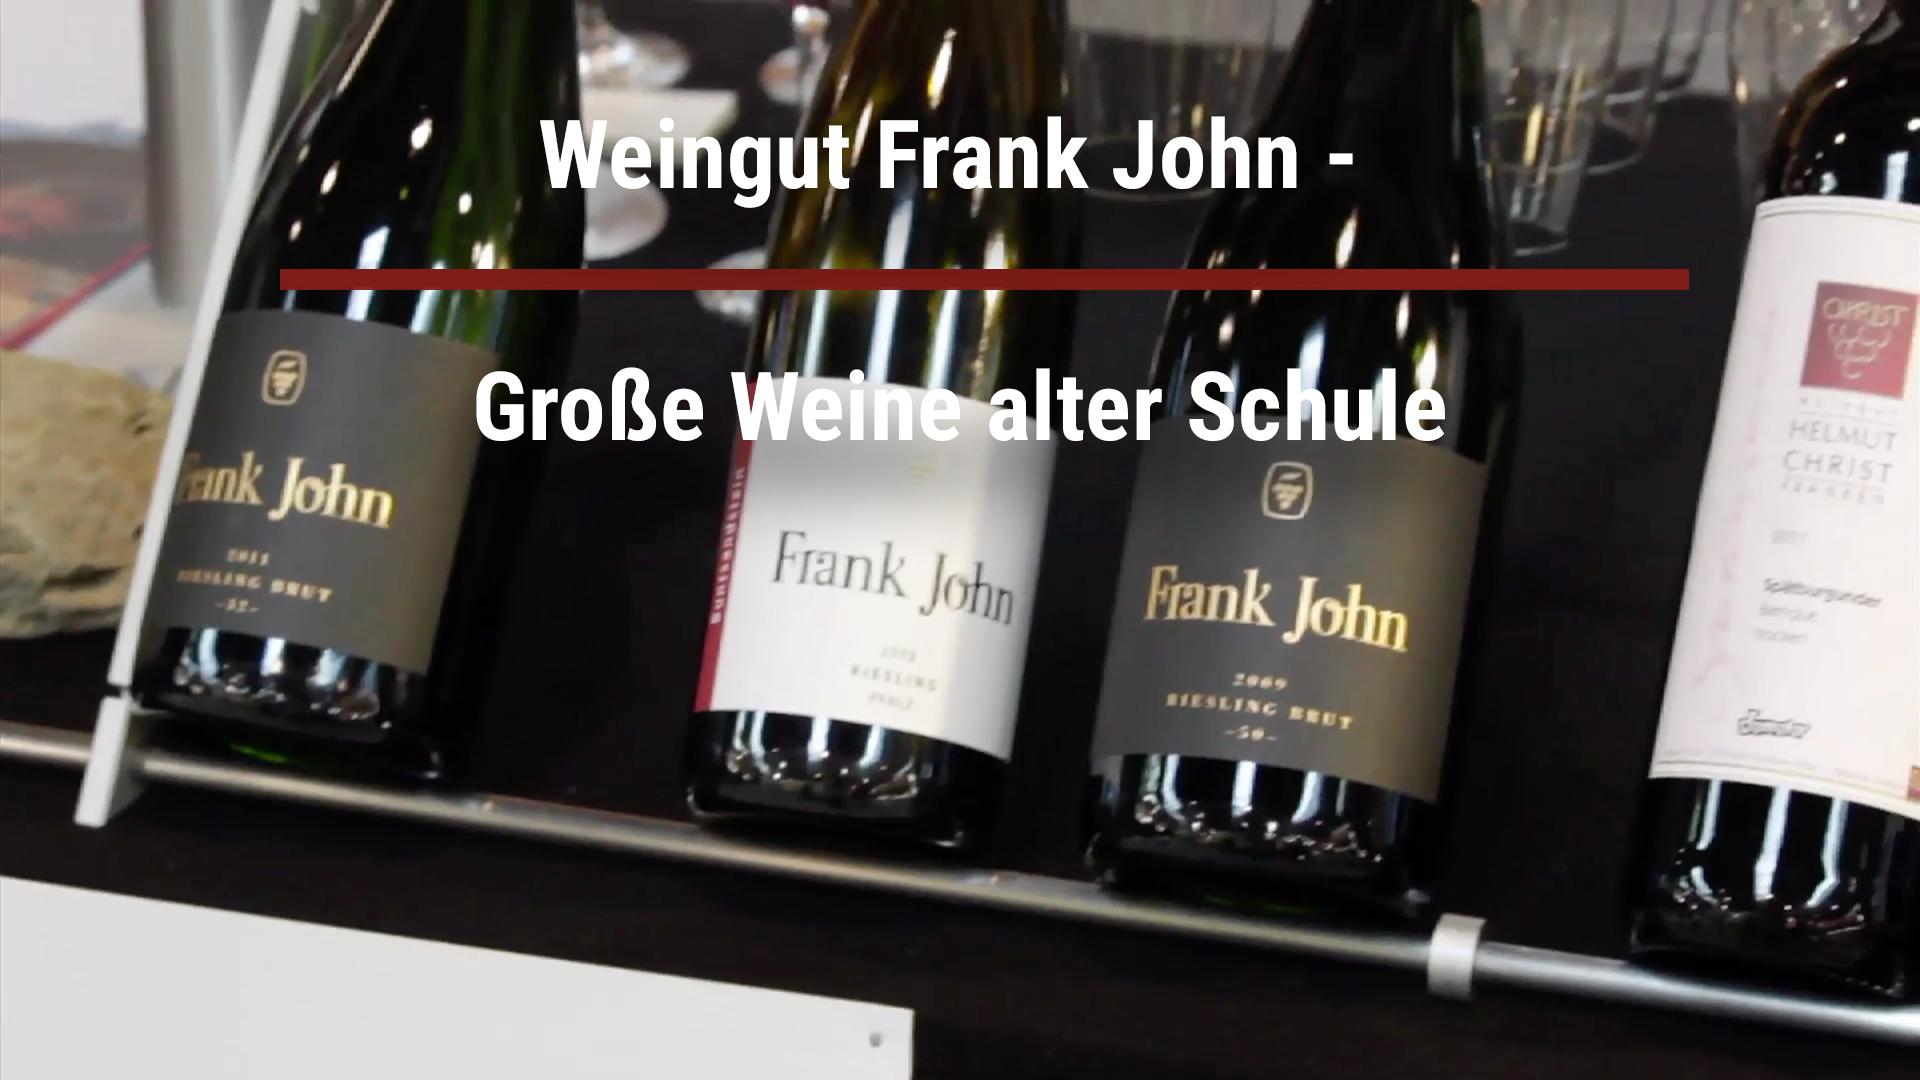 Frank John Winery – Great old school wines